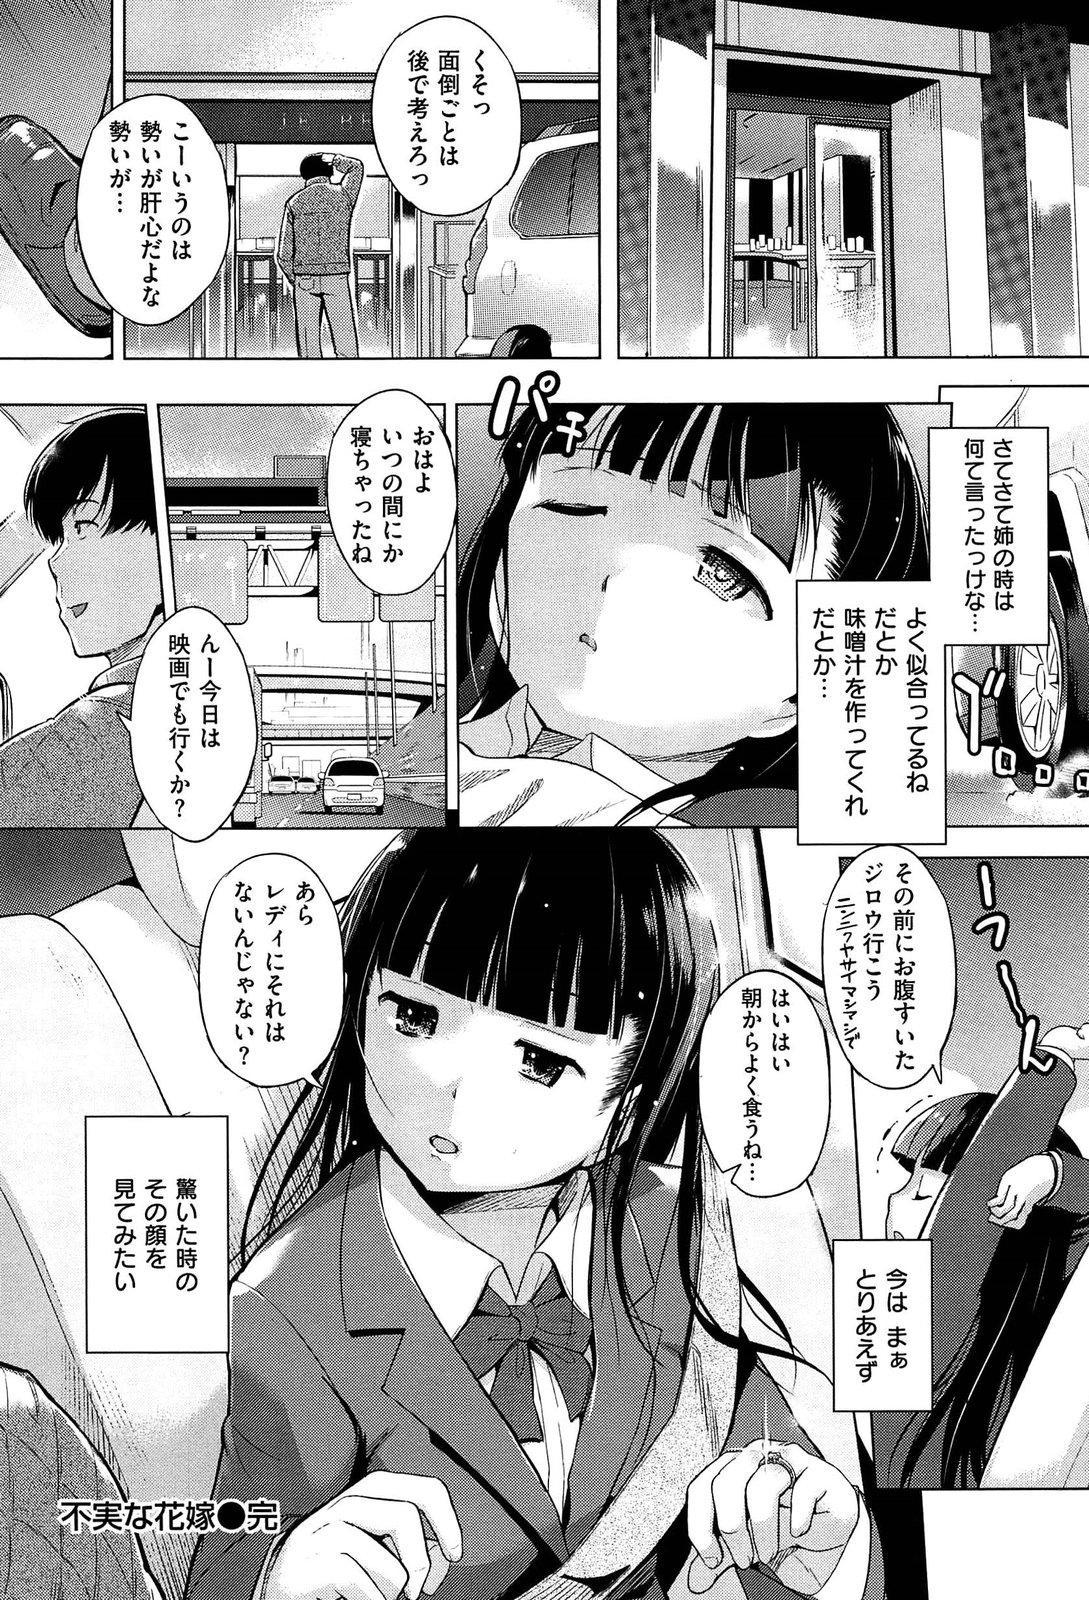 Hatsukoi Swap 177